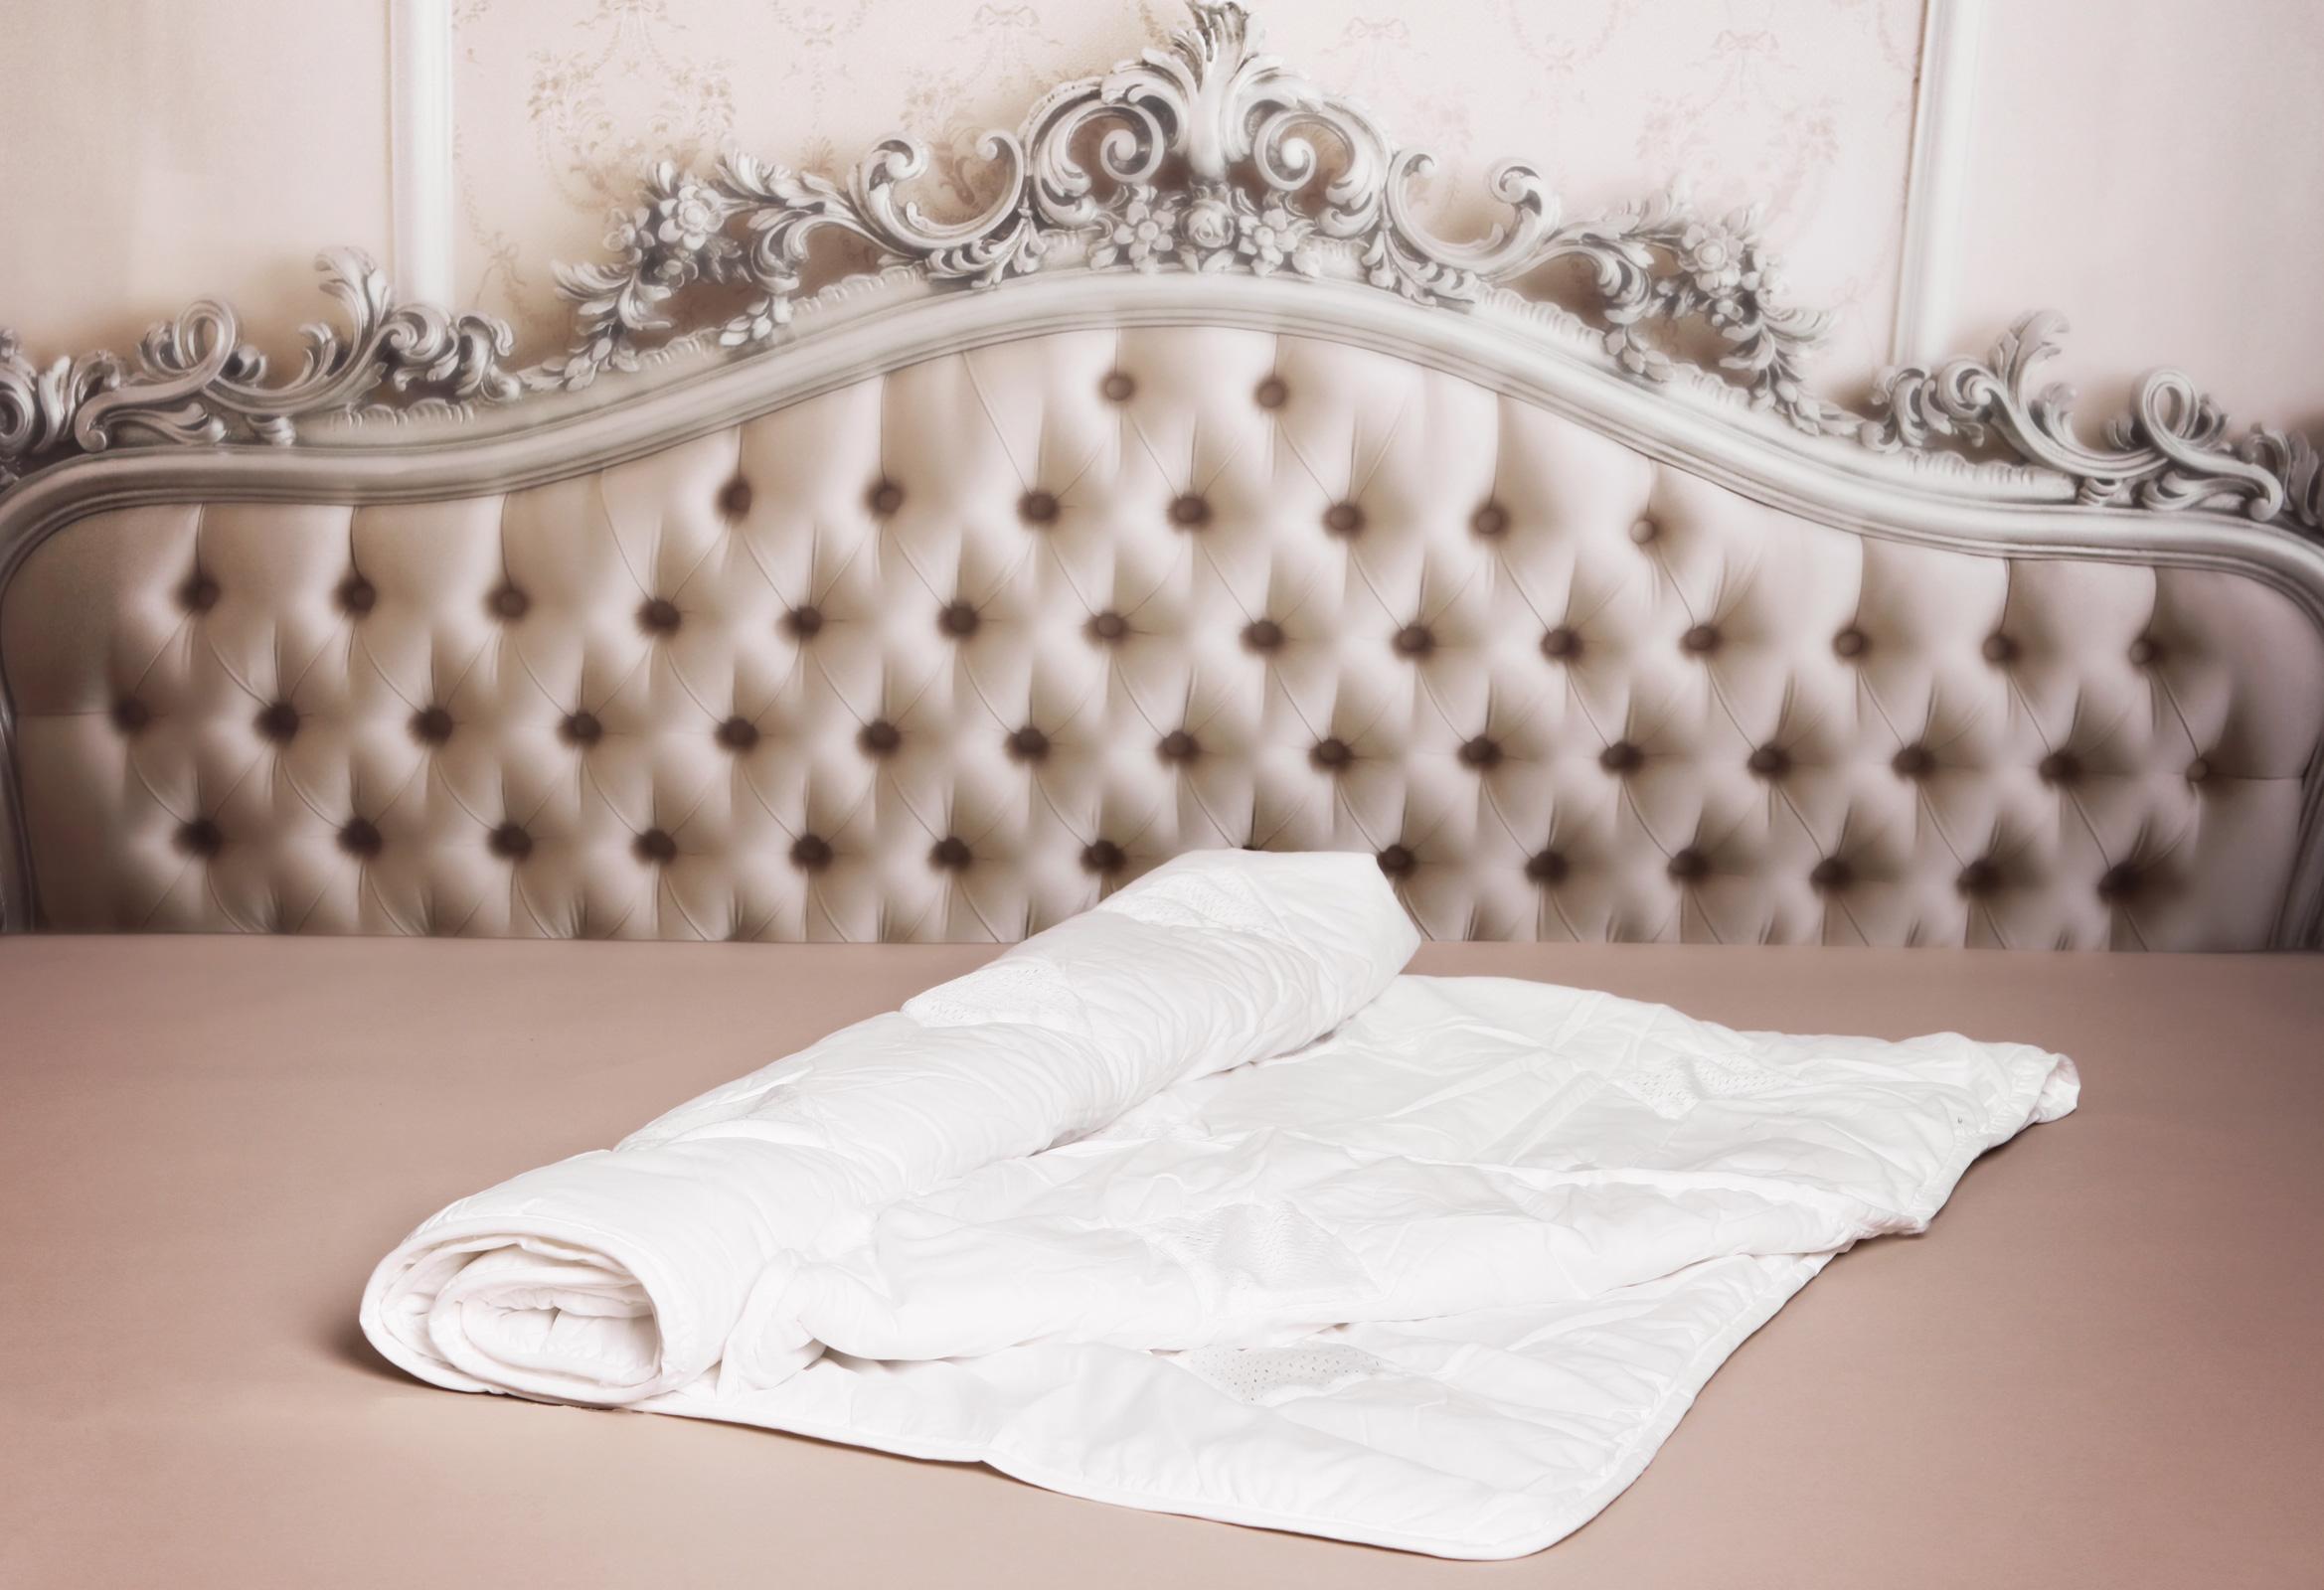 schlafstil bettdecken schlafzimmer lampe warmes licht bettw sche blumen ikea bettdecken centa. Black Bedroom Furniture Sets. Home Design Ideas